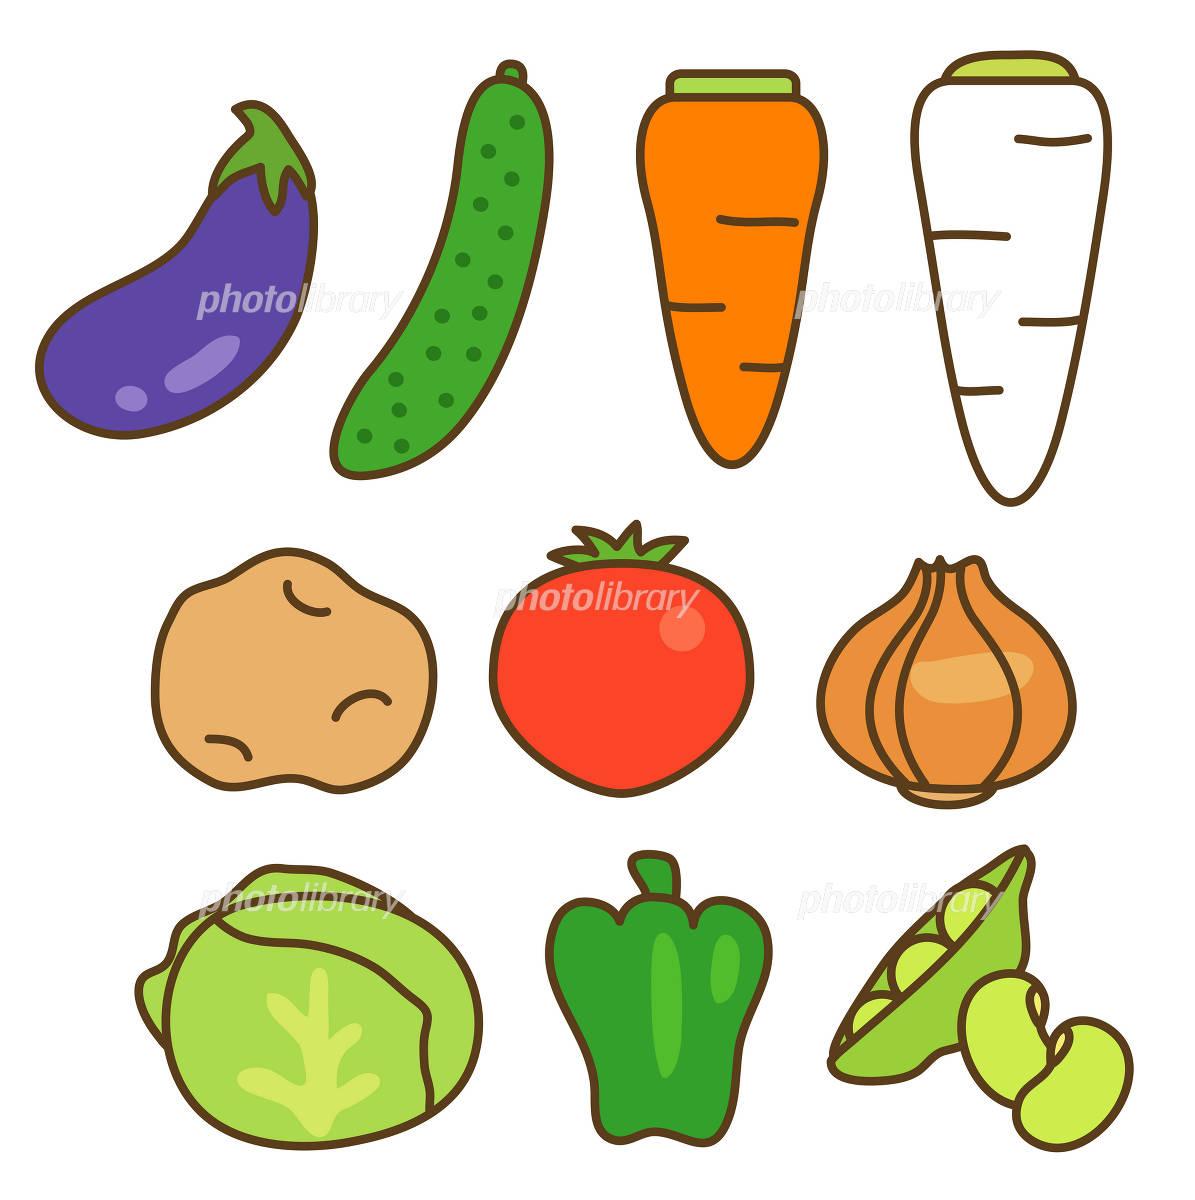 野菜 イラスト素材 1016115 フォトライブラリー Photolibrary